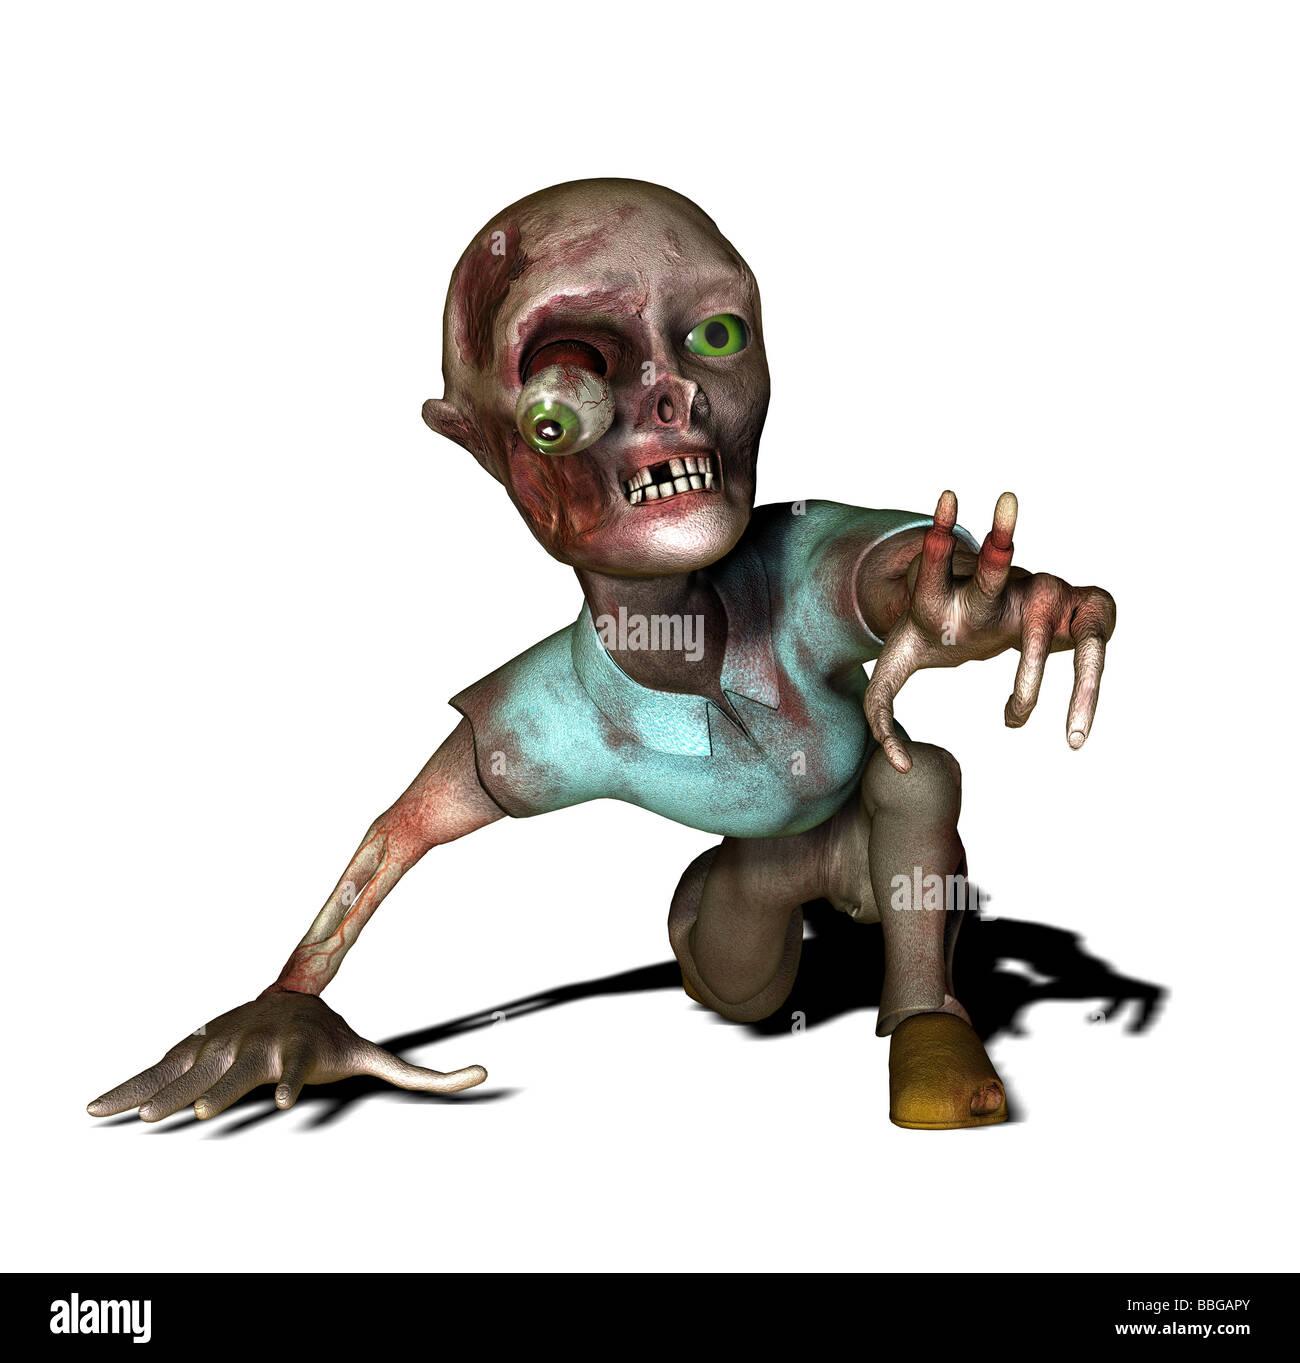 Zombie - Stock Image